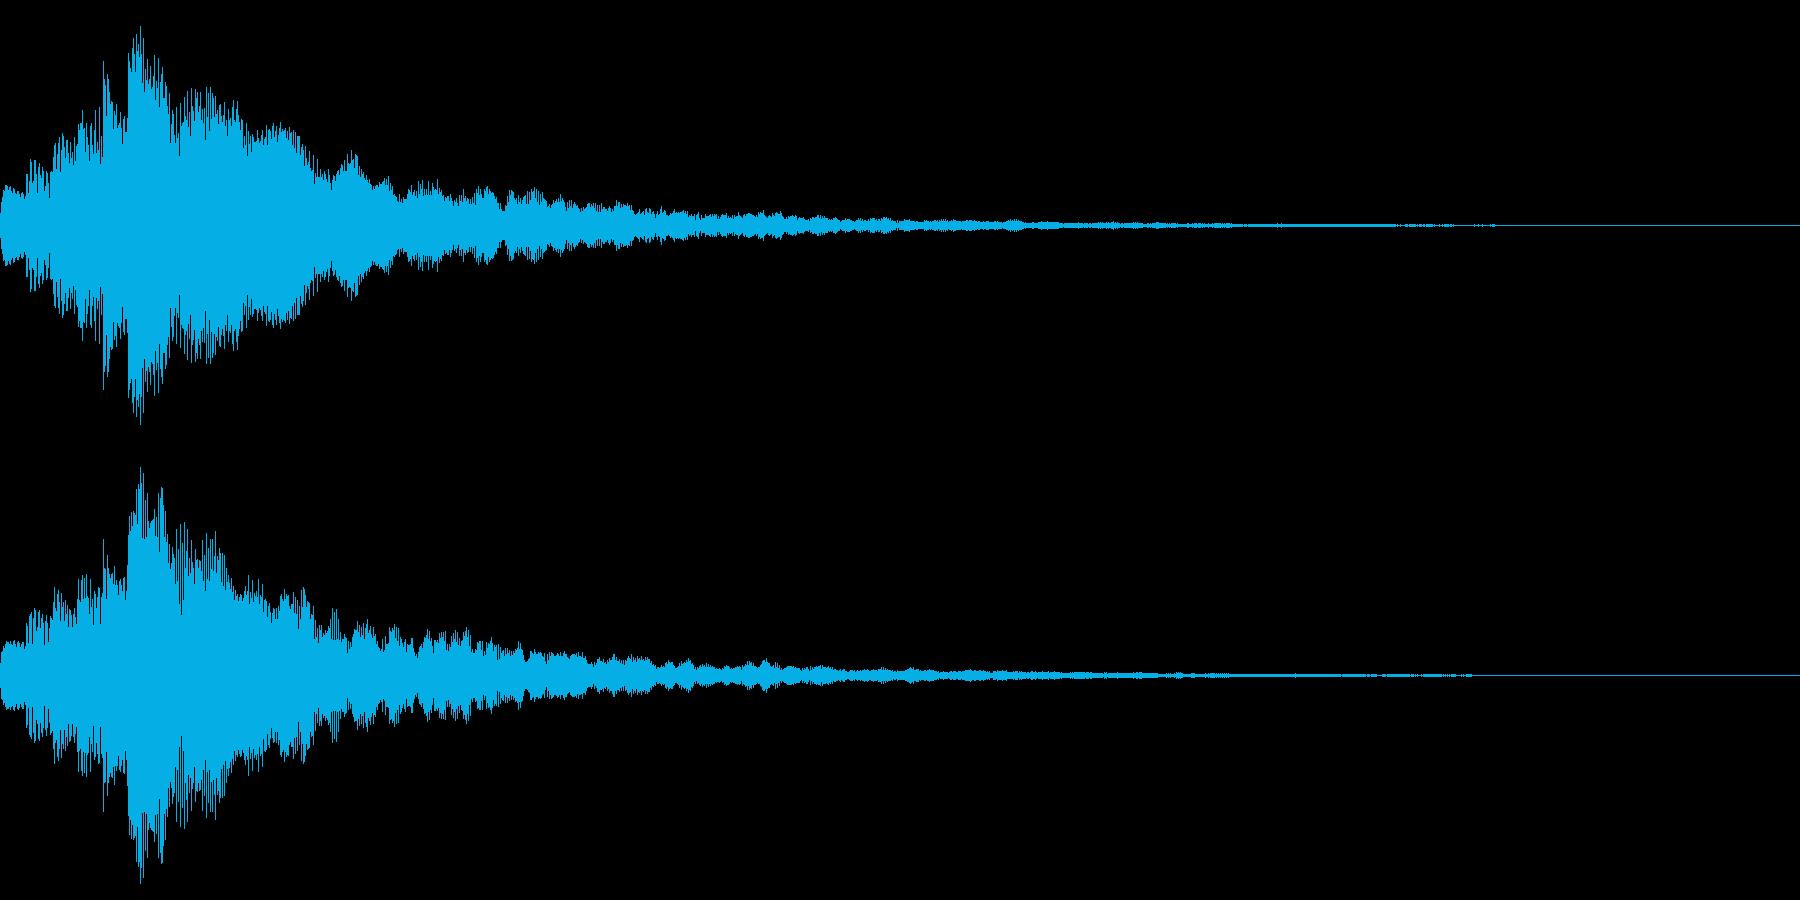 キラン!なアタック音8の再生済みの波形